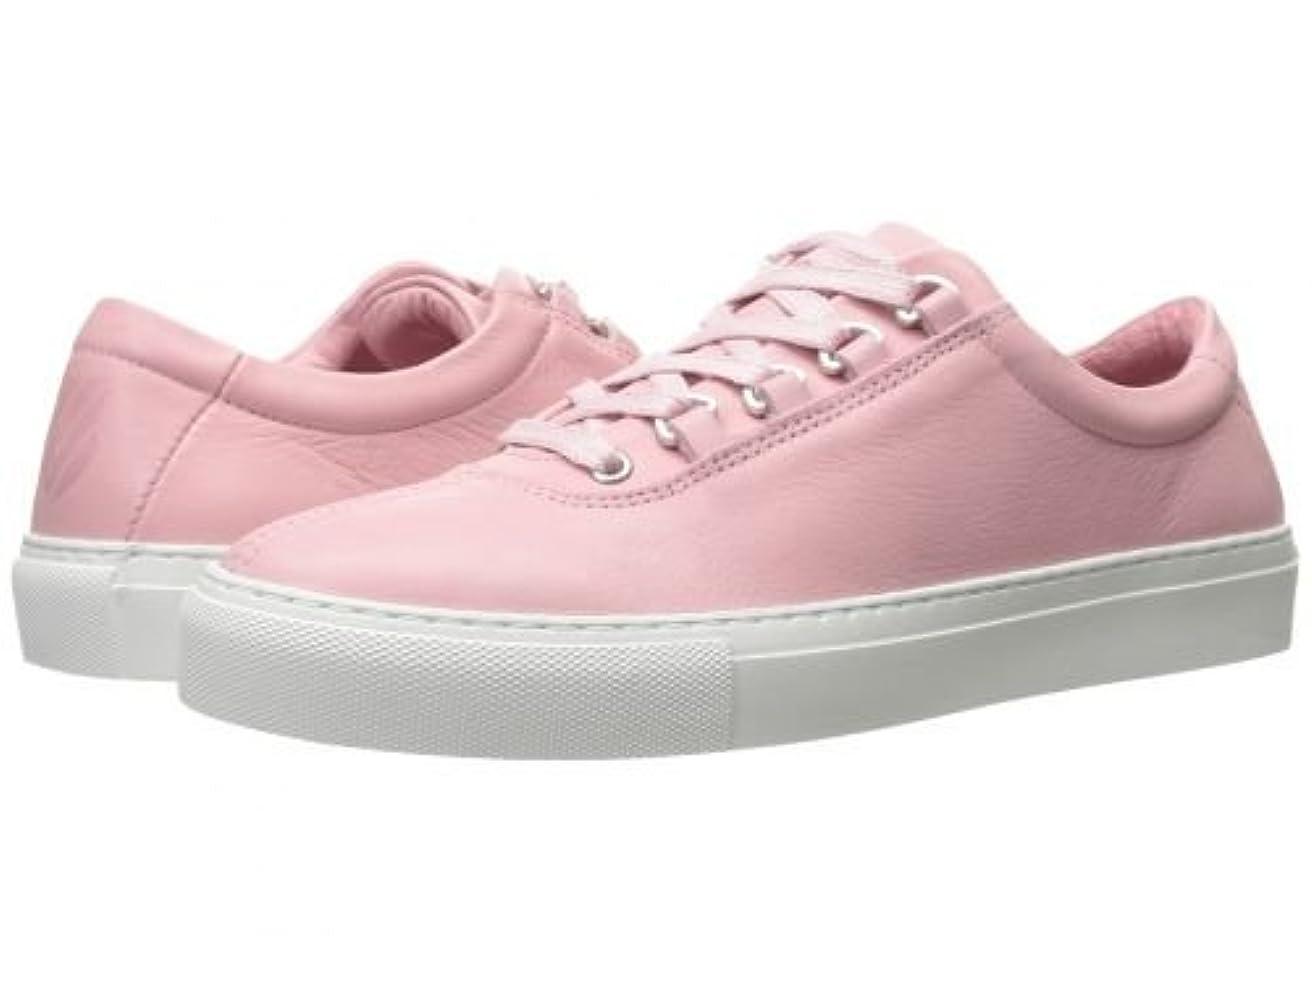 ファシズム誕生日対人K-Swiss(ケースイス) レディース 女性用 シューズ 靴 スニーカー 運動靴 Court Classico - Chalk Pink/Off-White [並行輸入品]